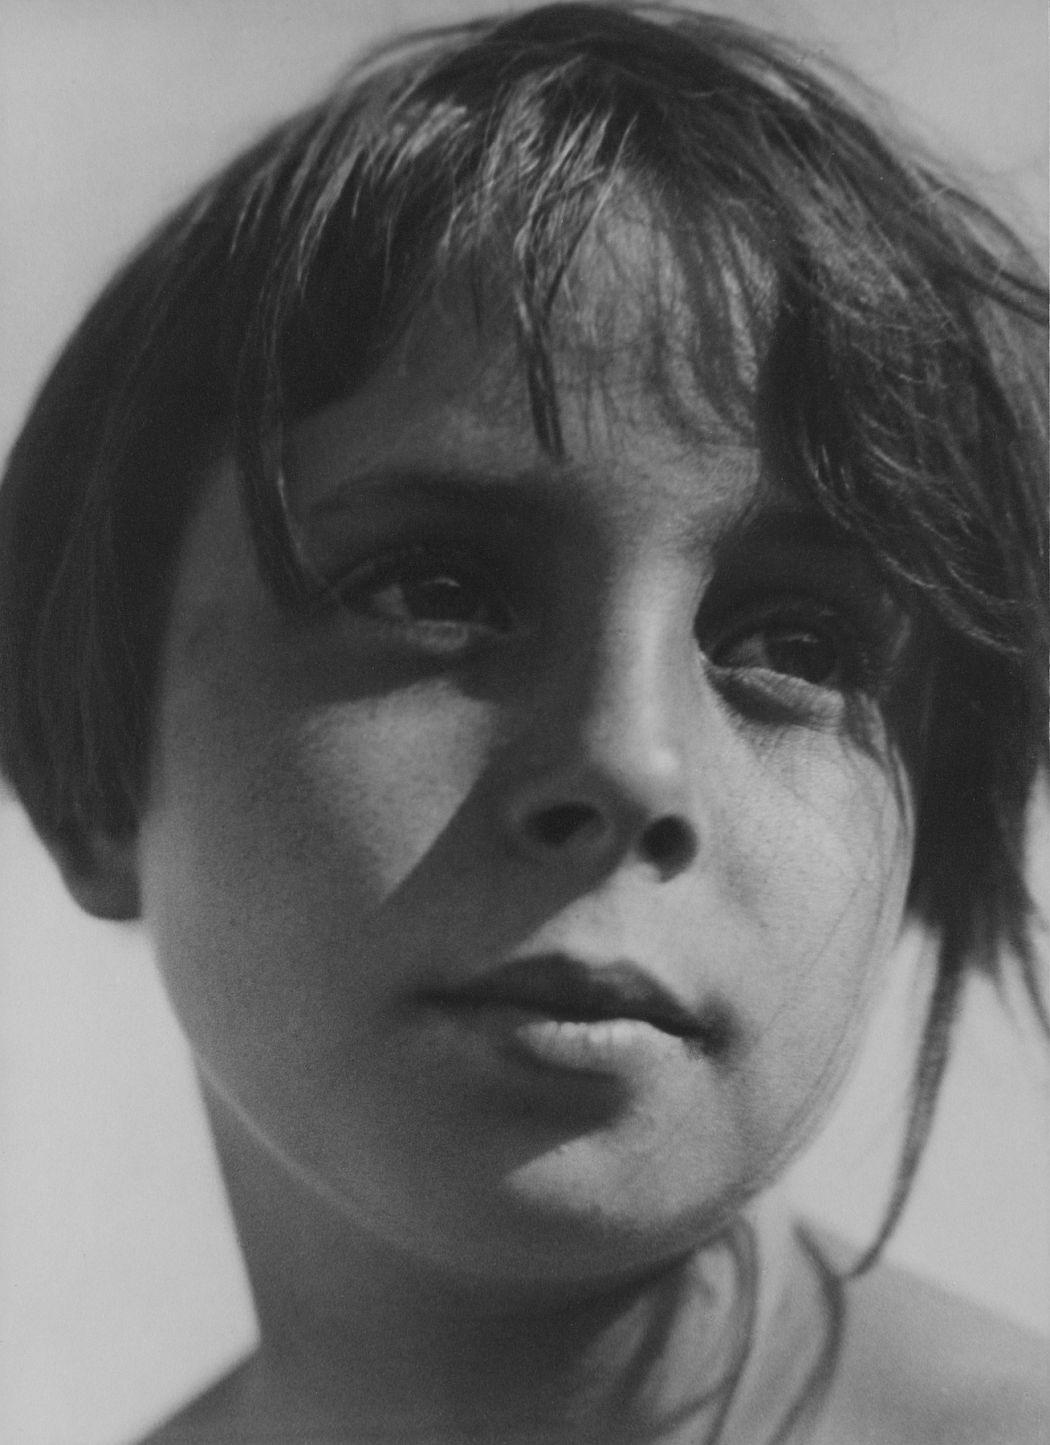 Aenne Biermann Helga, um 1930 Gelatin silver print, 23,7 x 17,8 cm Museum Folkwang, Essen